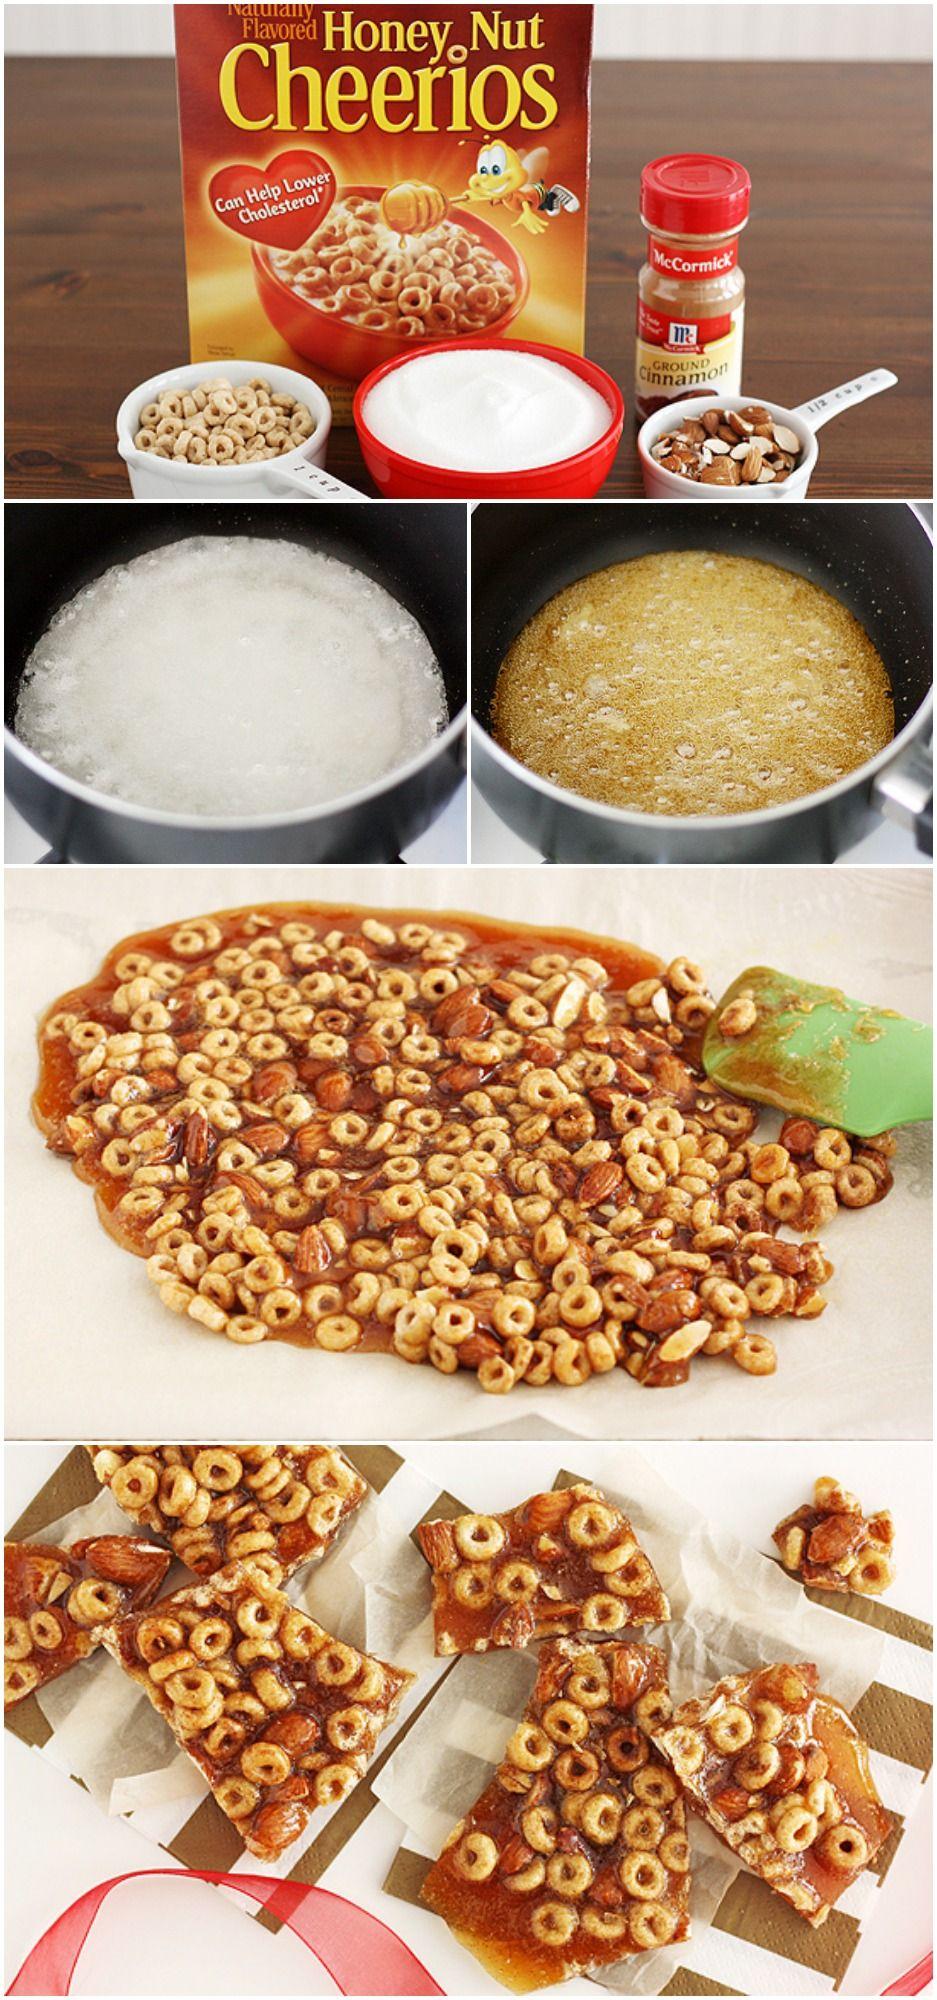 Honey Nut Cheerios Cinnamon Brittle Recipe Cheerios Recipes Cereal Treats Cheerios Snacks